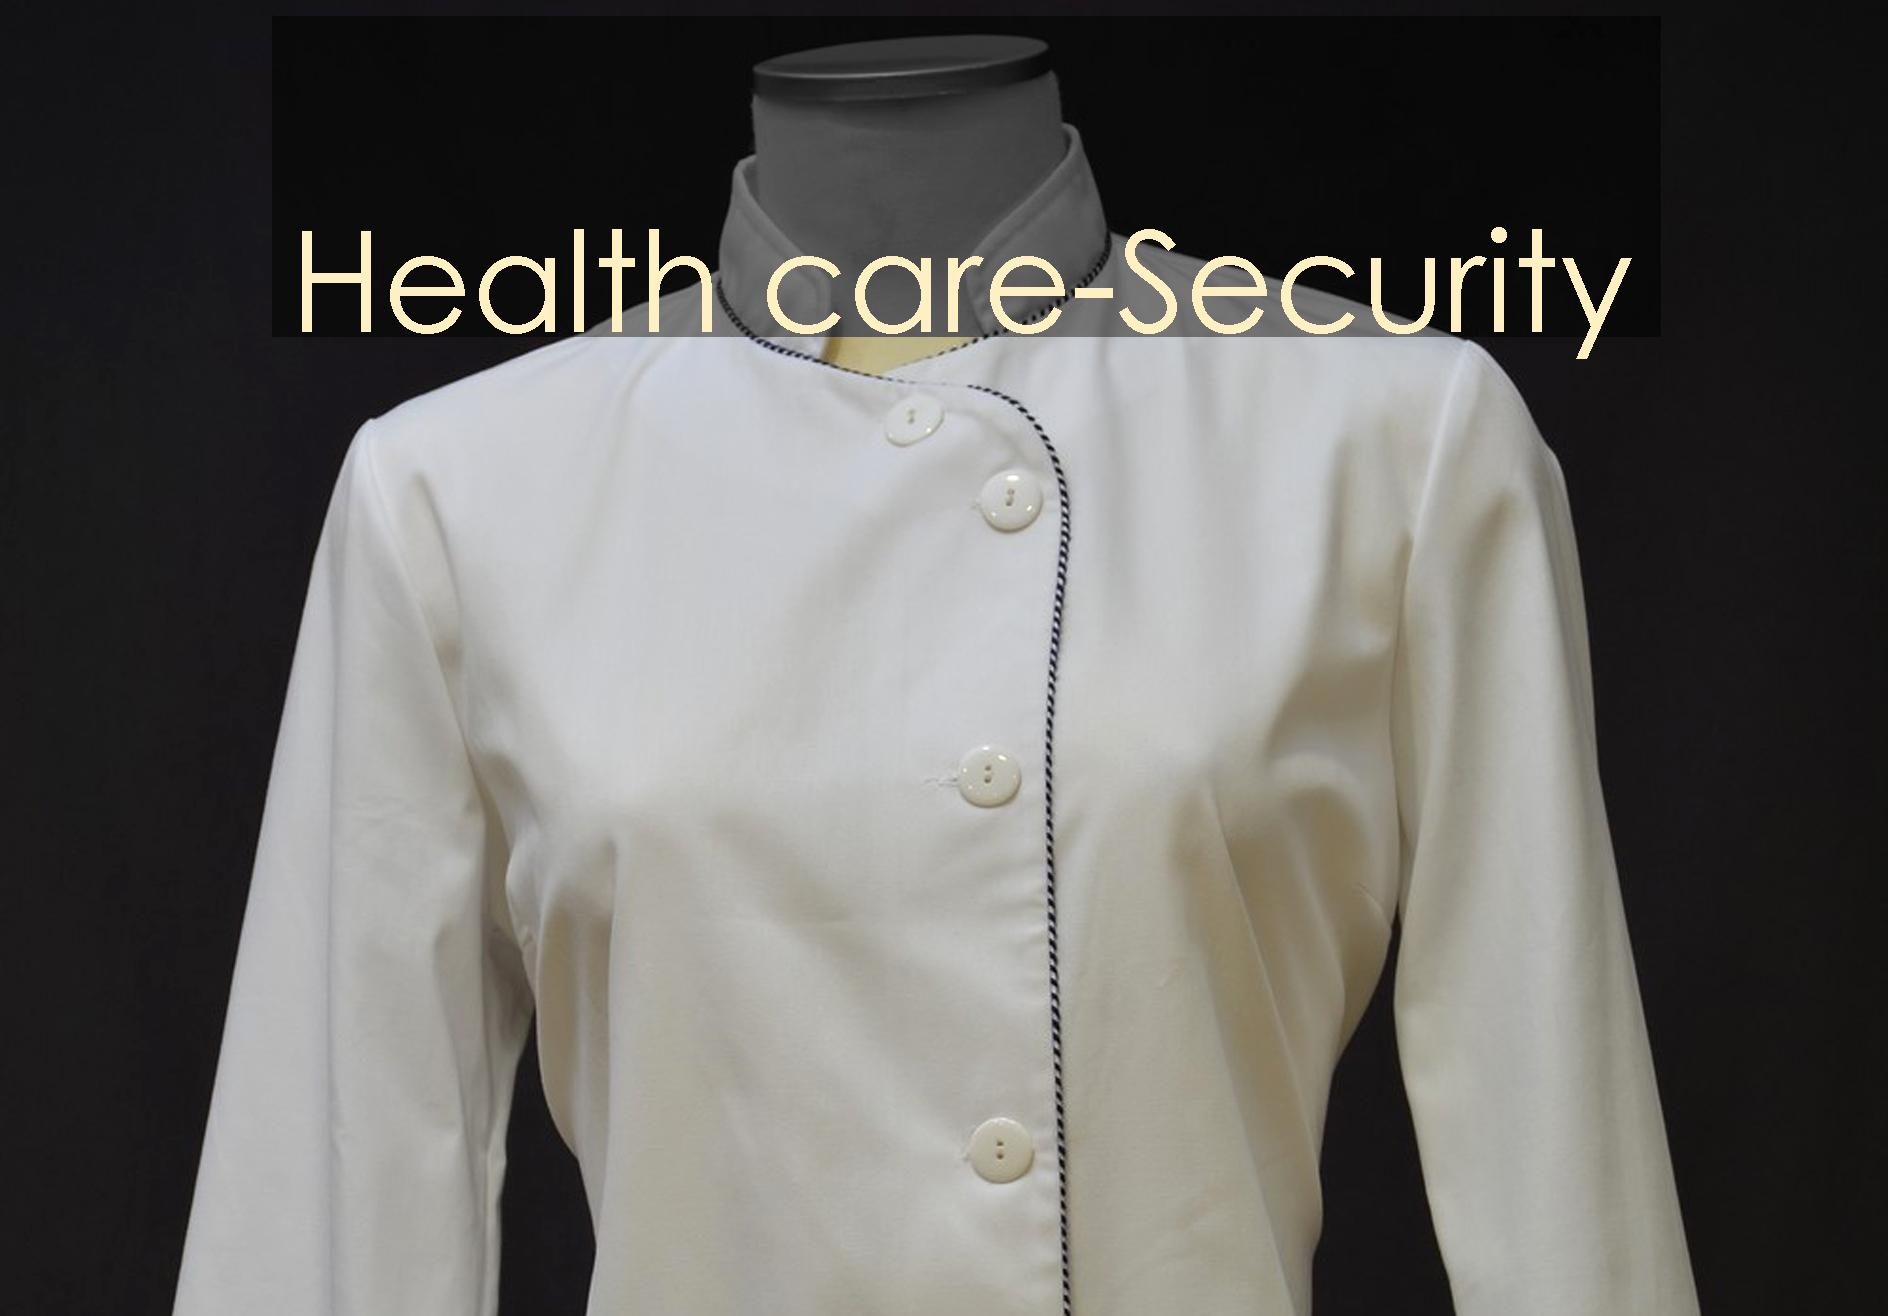 Health Carel-Security